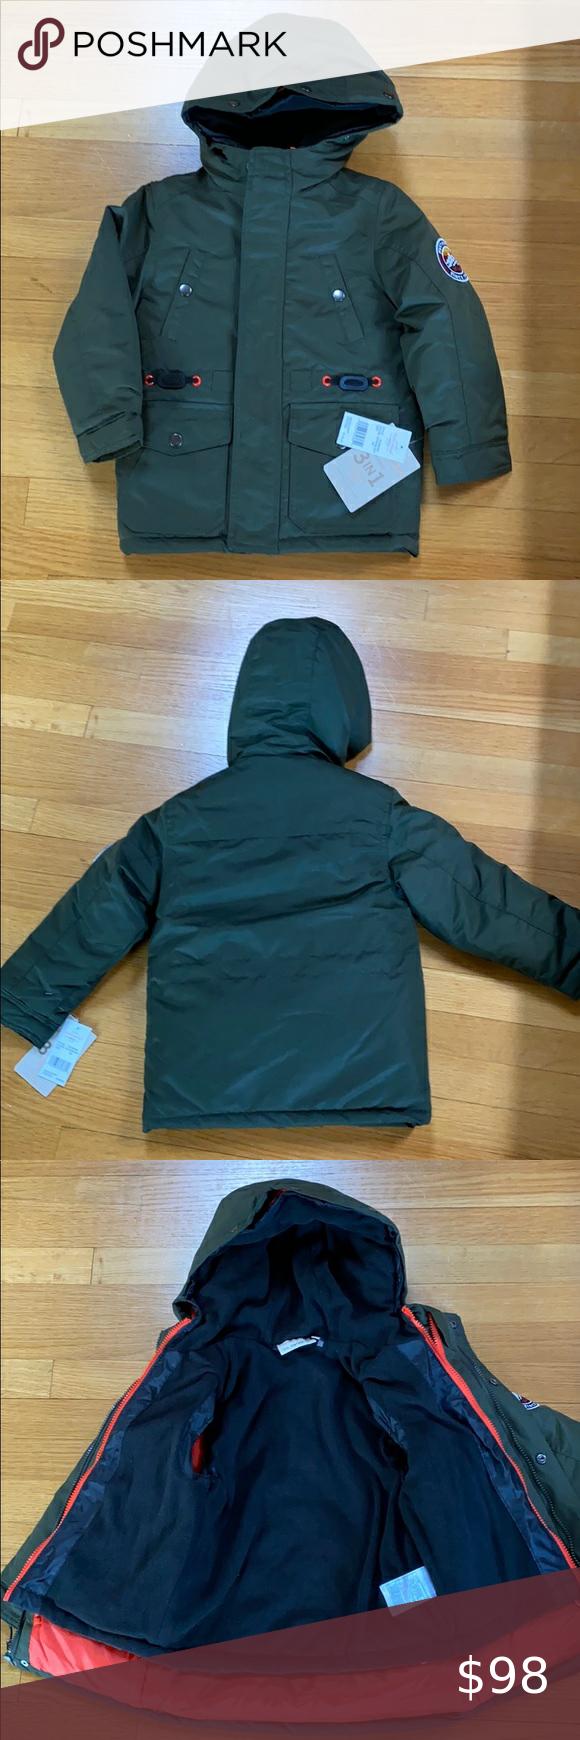 Weatherproof Garment Co Boys Jacket Size 5 6 Girls Winter Jackets Boys Jacket Boy Outerwear [ 1740 x 580 Pixel ]